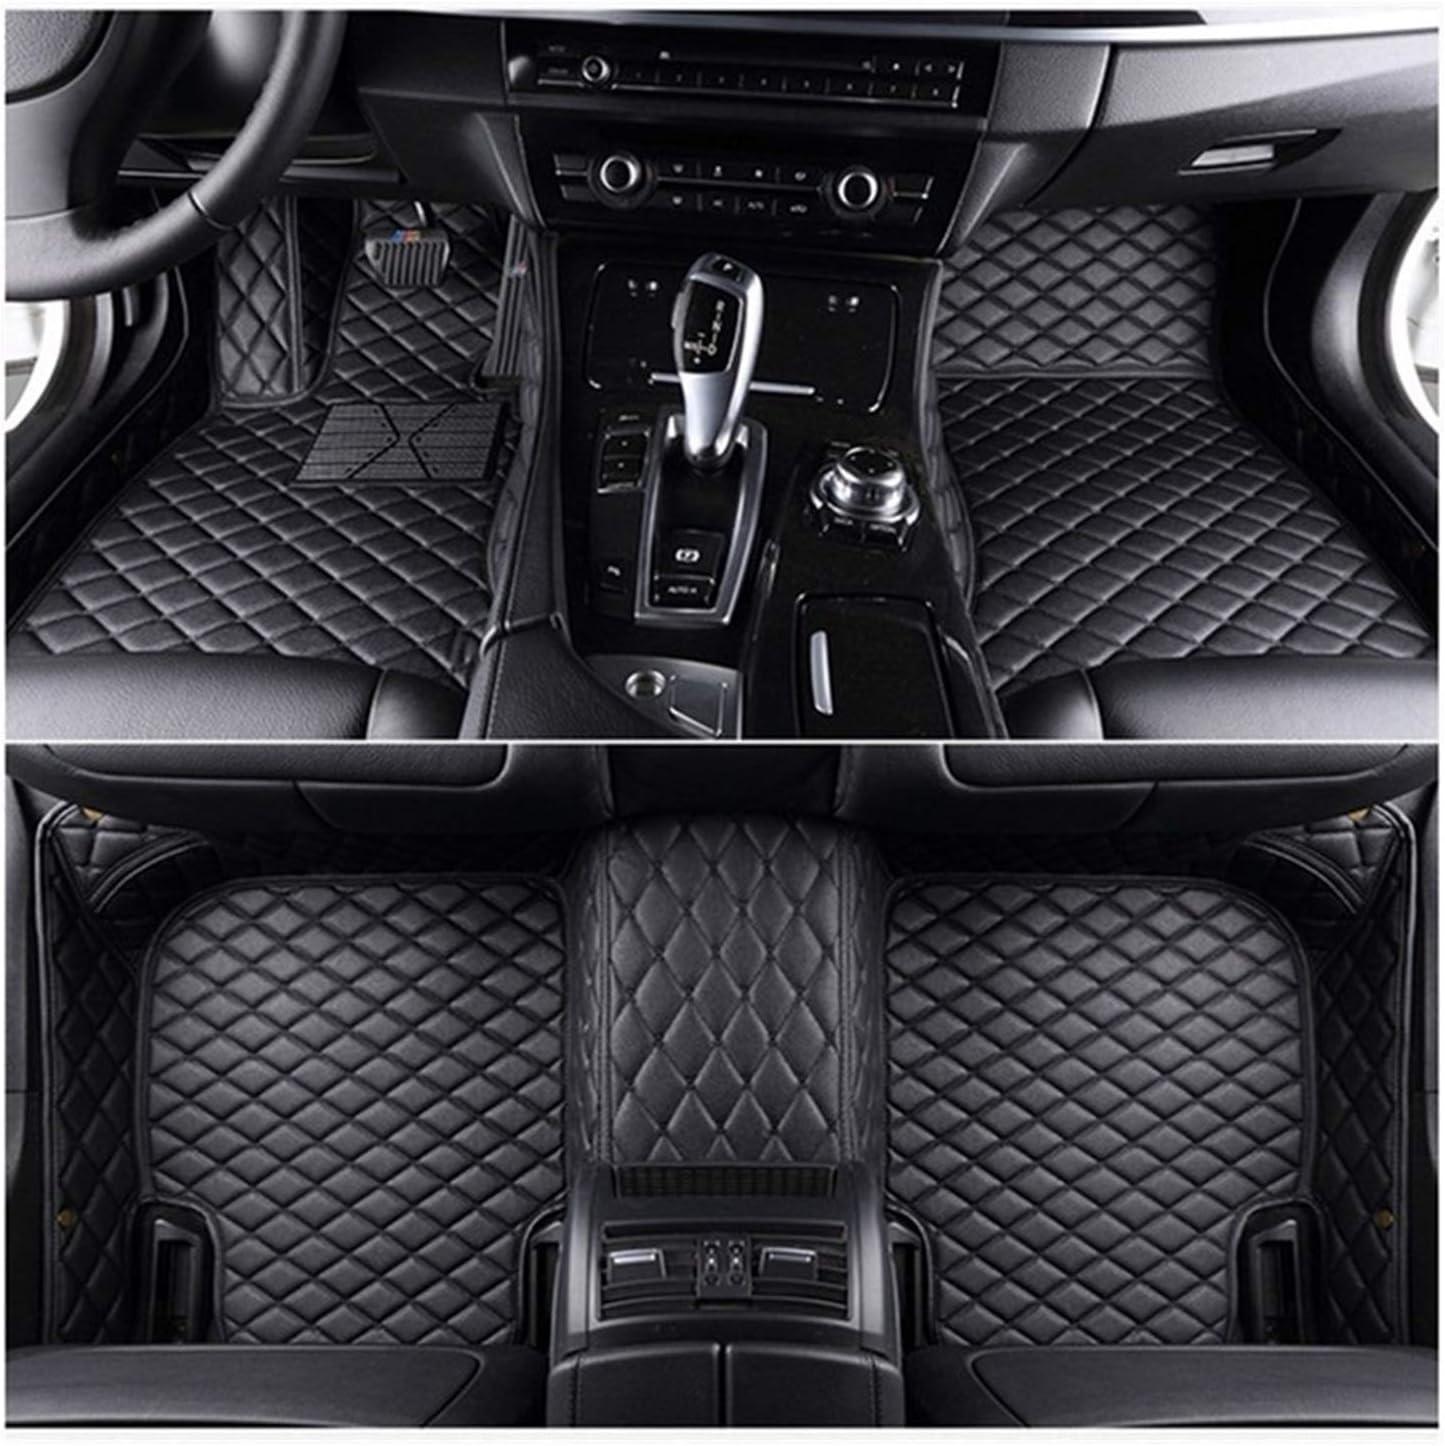 Flash Matte Leder Auto Fußmatten For Bmw X5 E53 E70 2004 2013 2014 2016 2017 2018 Auto Fuß Pads Automobil Teppich Abdeckung Color Name Black And Black Line Auto